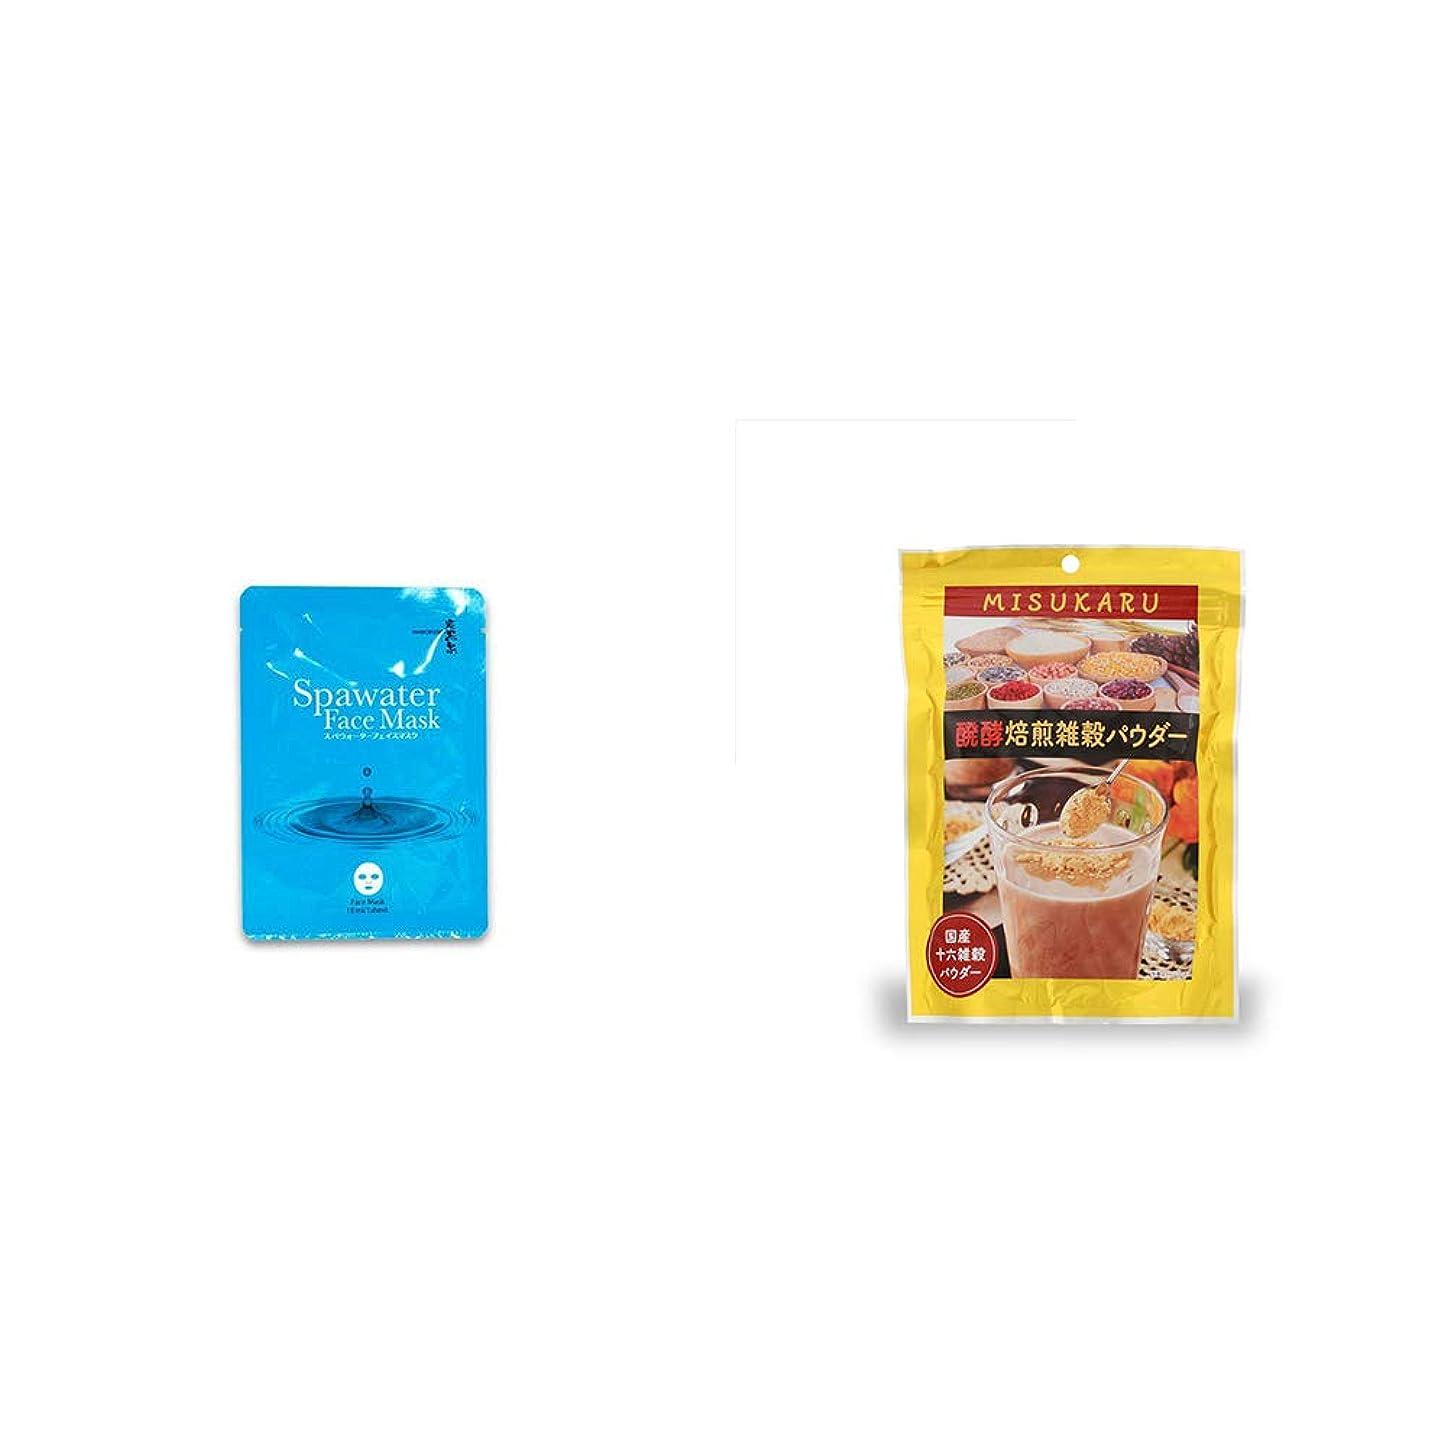 服を着る選択ライム[2点セット] ひのき炭黒泉 スパウォーターフェイスマスク(18ml×3枚入)?醗酵焙煎雑穀パウダー MISUKARU(ミスカル)(200g)